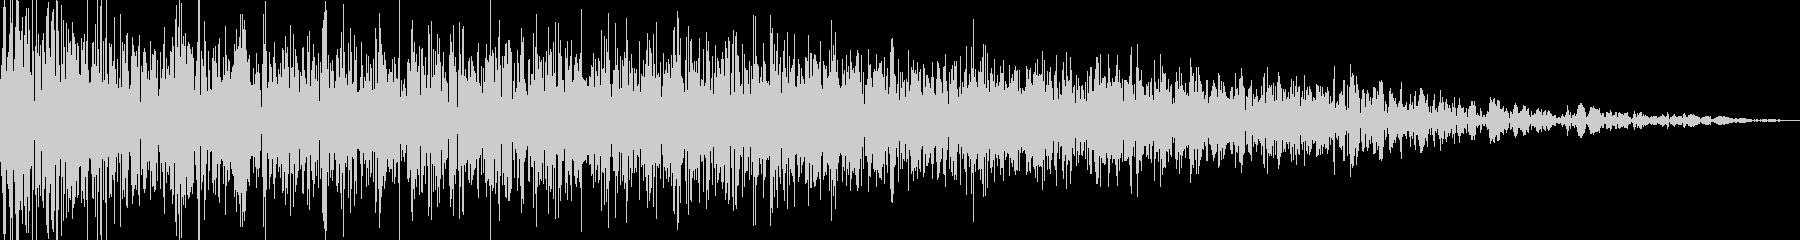 ロボット足音 タイプ12の未再生の波形